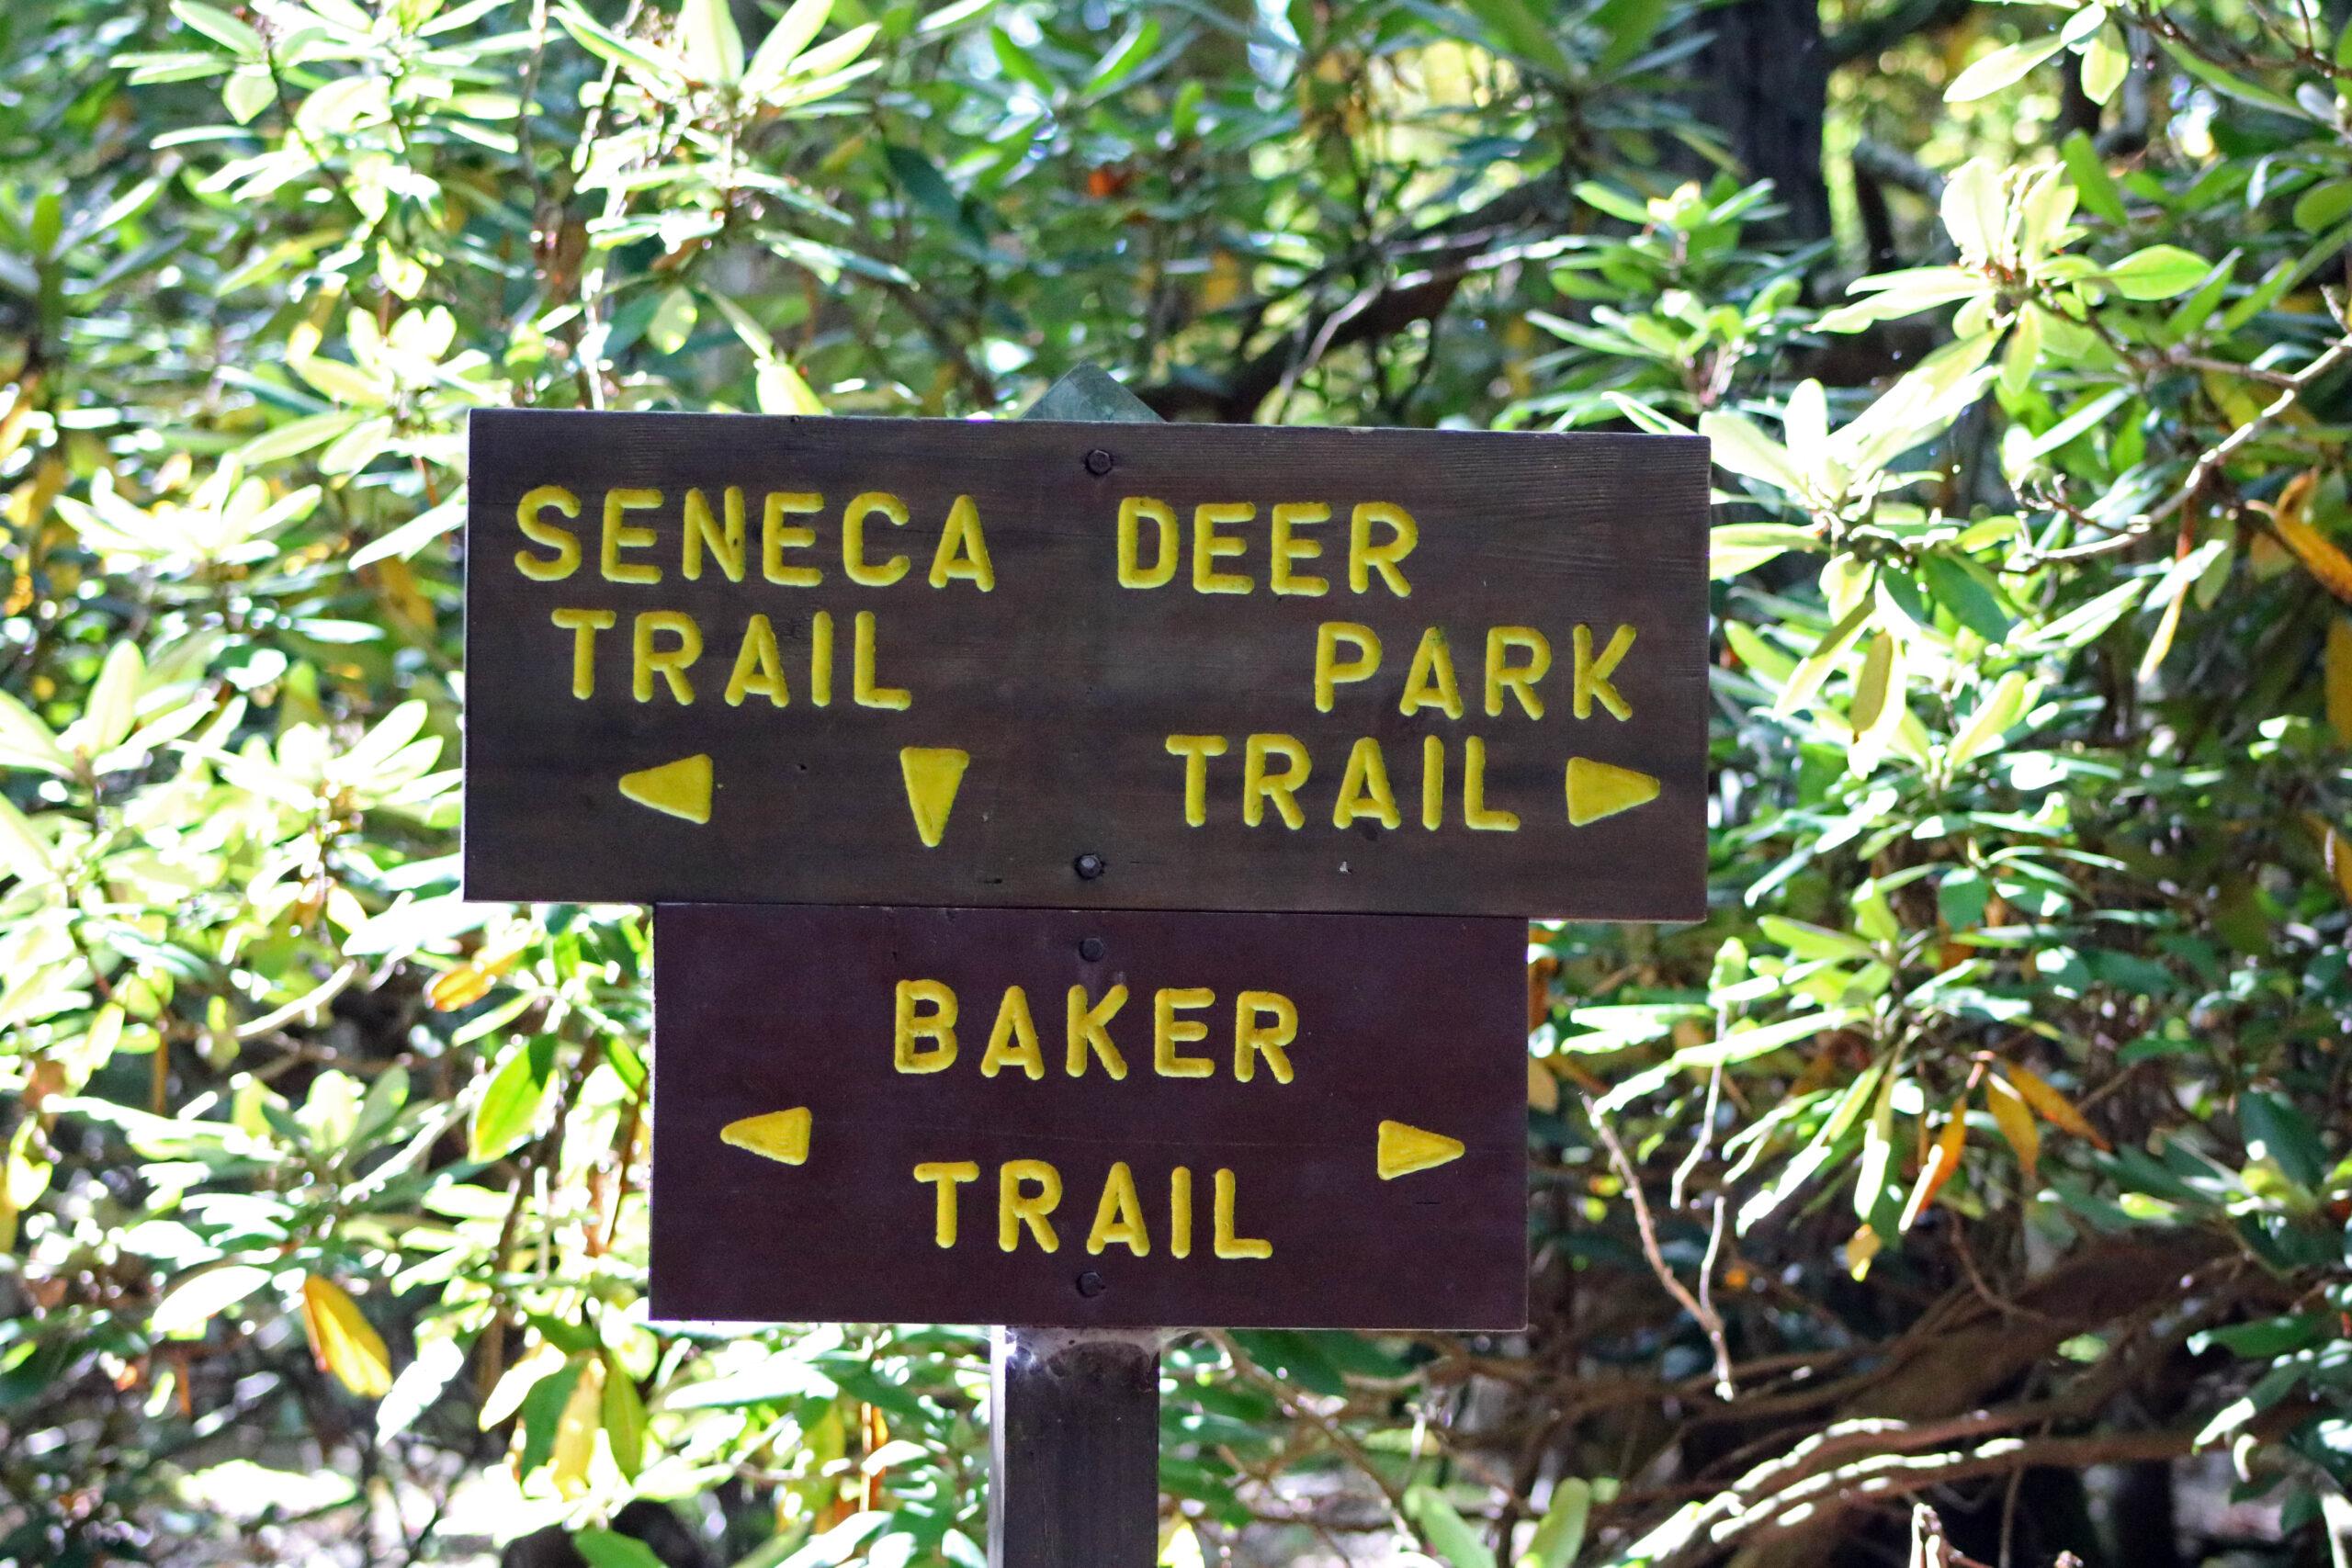 Seneca Trail Sign (Deer Park and Baker)